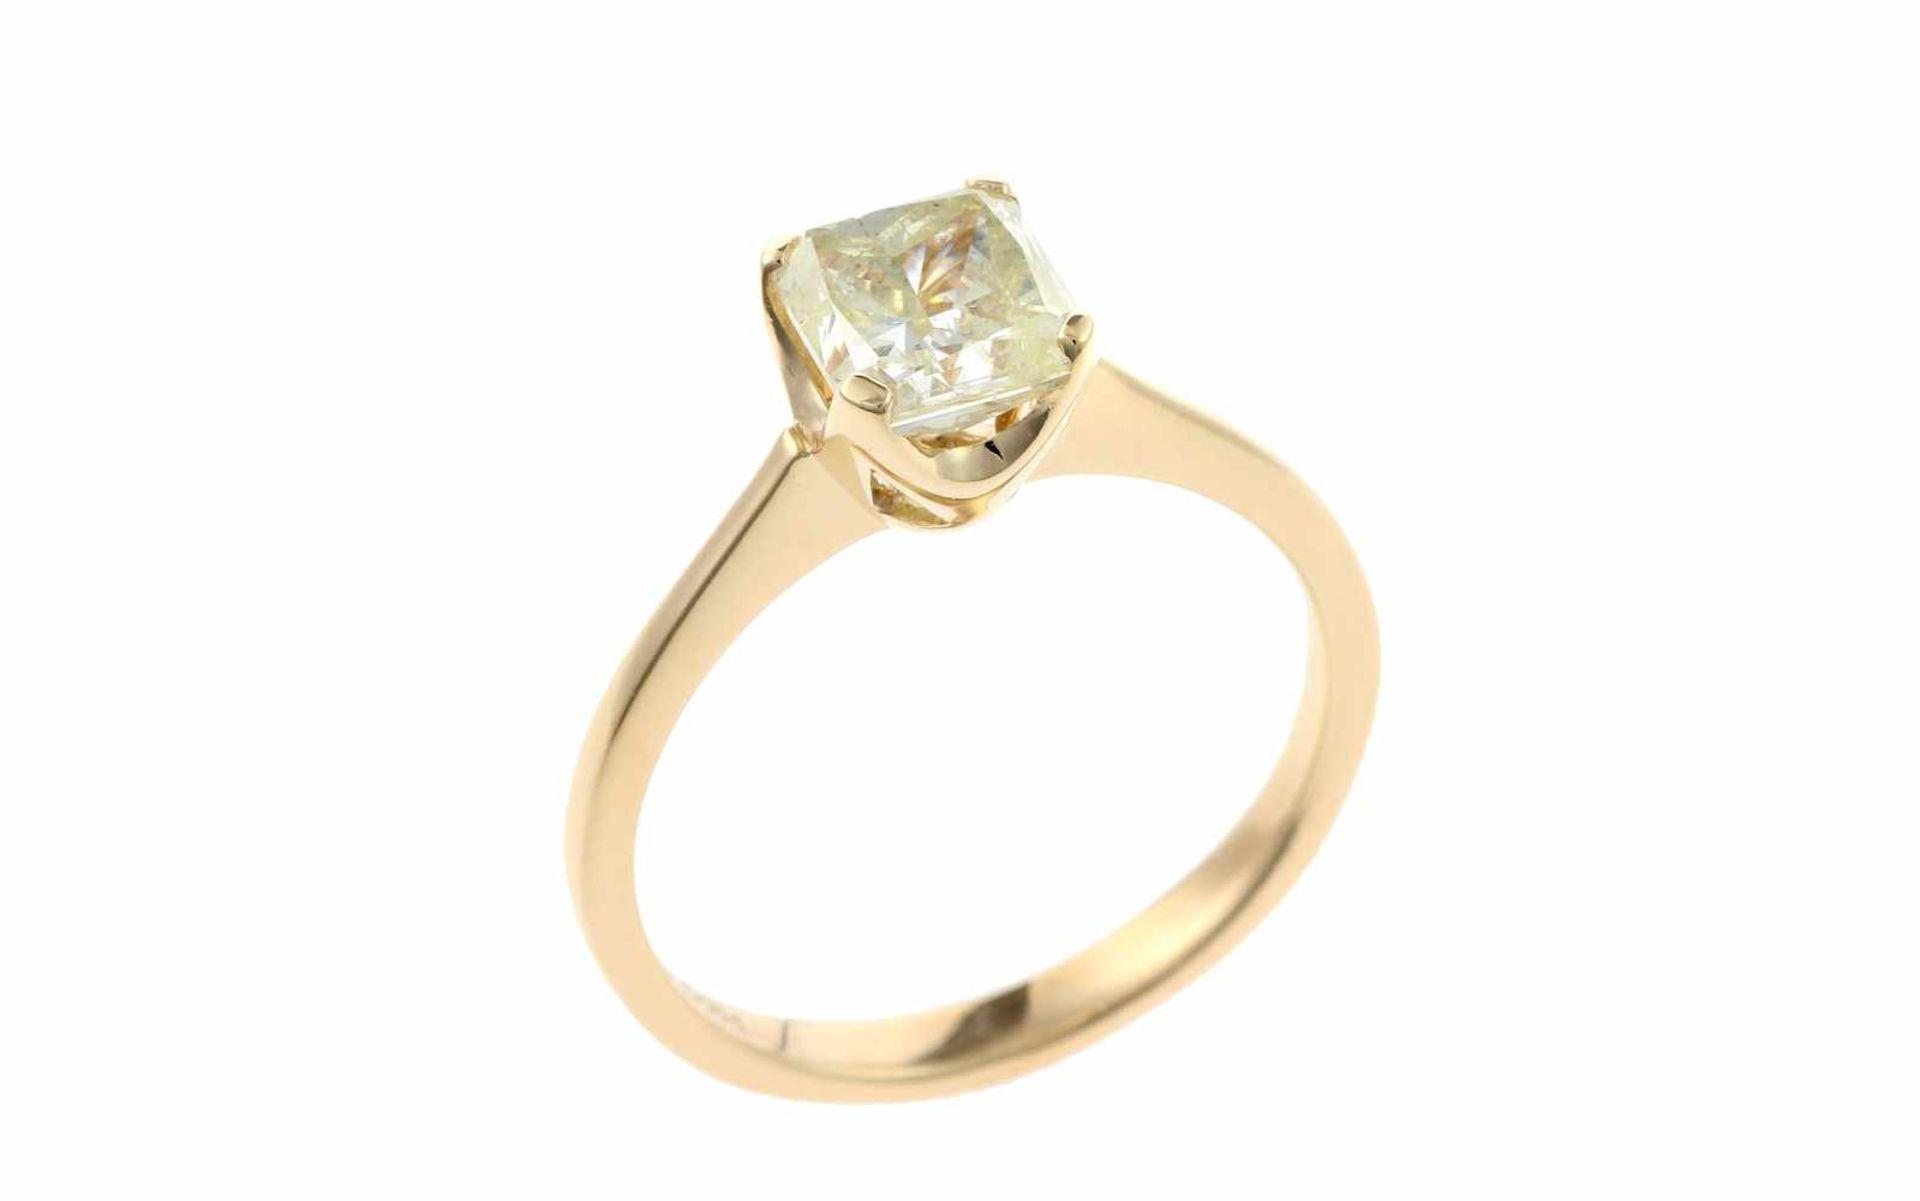 SolitärringSolitär Ring 18K GG mit 1,51 ct Diamant M/p2 RW: 55 Total 3,20 gr